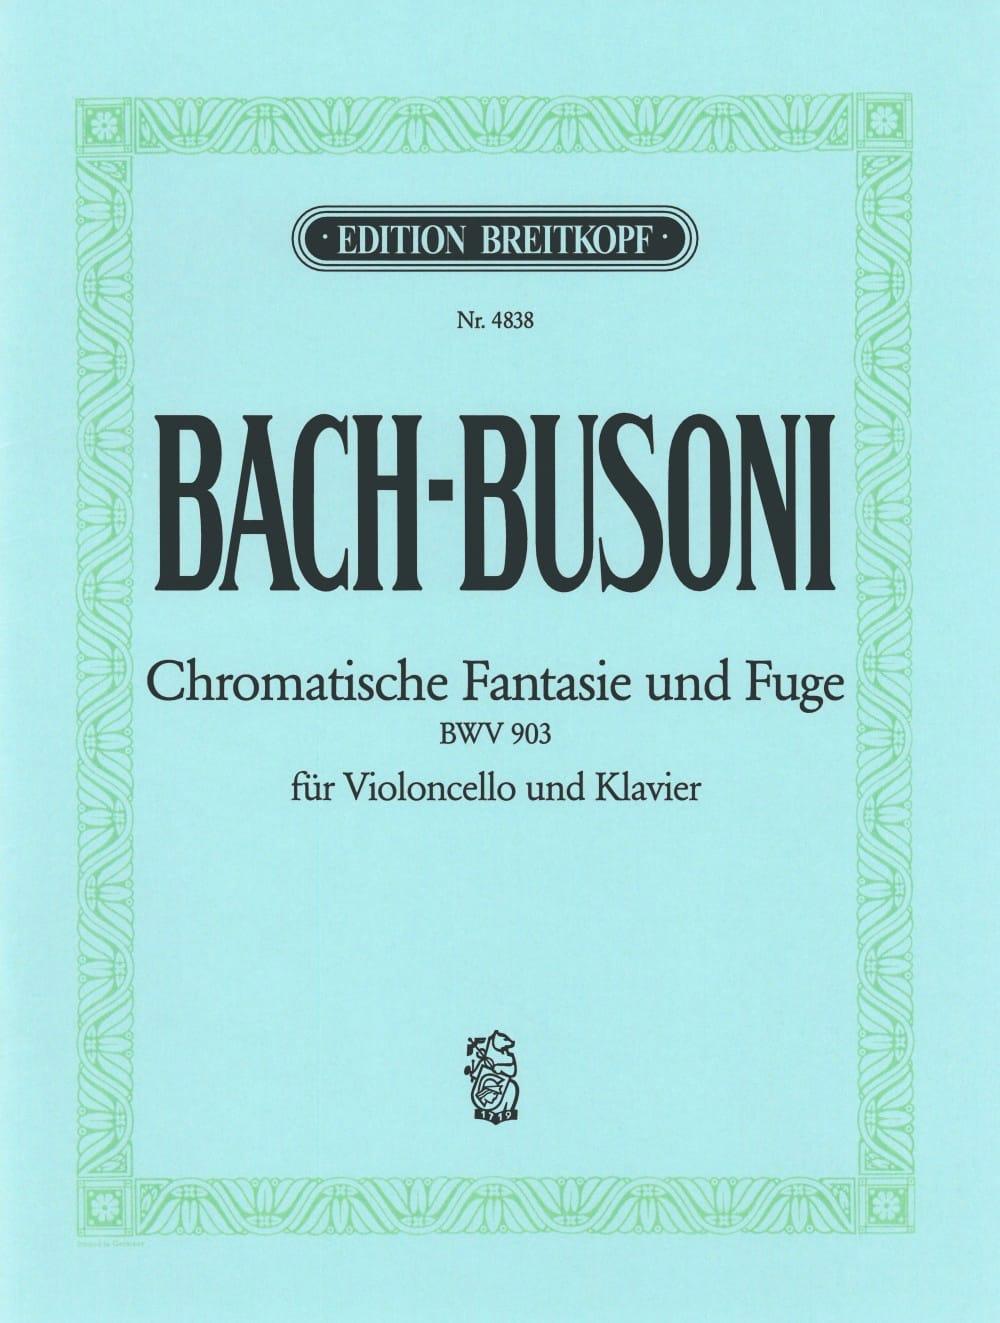 Chromatische Fantasie und Fuge BWV 903 - BACH - laflutedepan.com